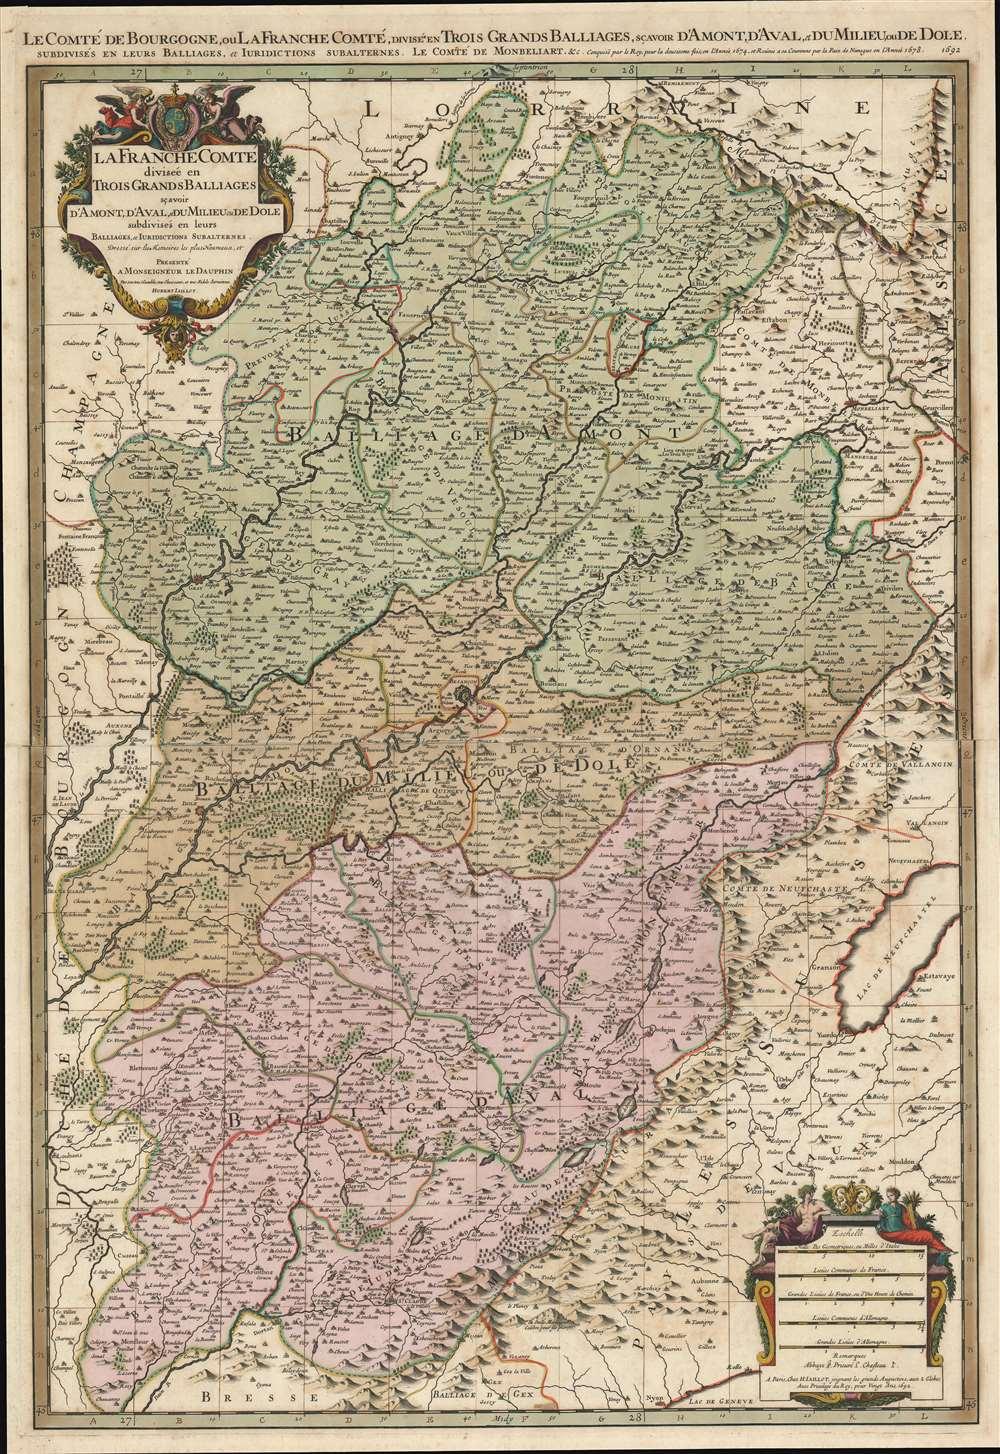 Le Comté de Bourgogne, ou La Franche Comté, Divisée en Trois Grands Balliages, Scavoir d'Amont, d'Aval, et du Milieu, ou de Dole, Subdivisés en Leurs Balliages, et Jurisdictions Subalternes. - Main View